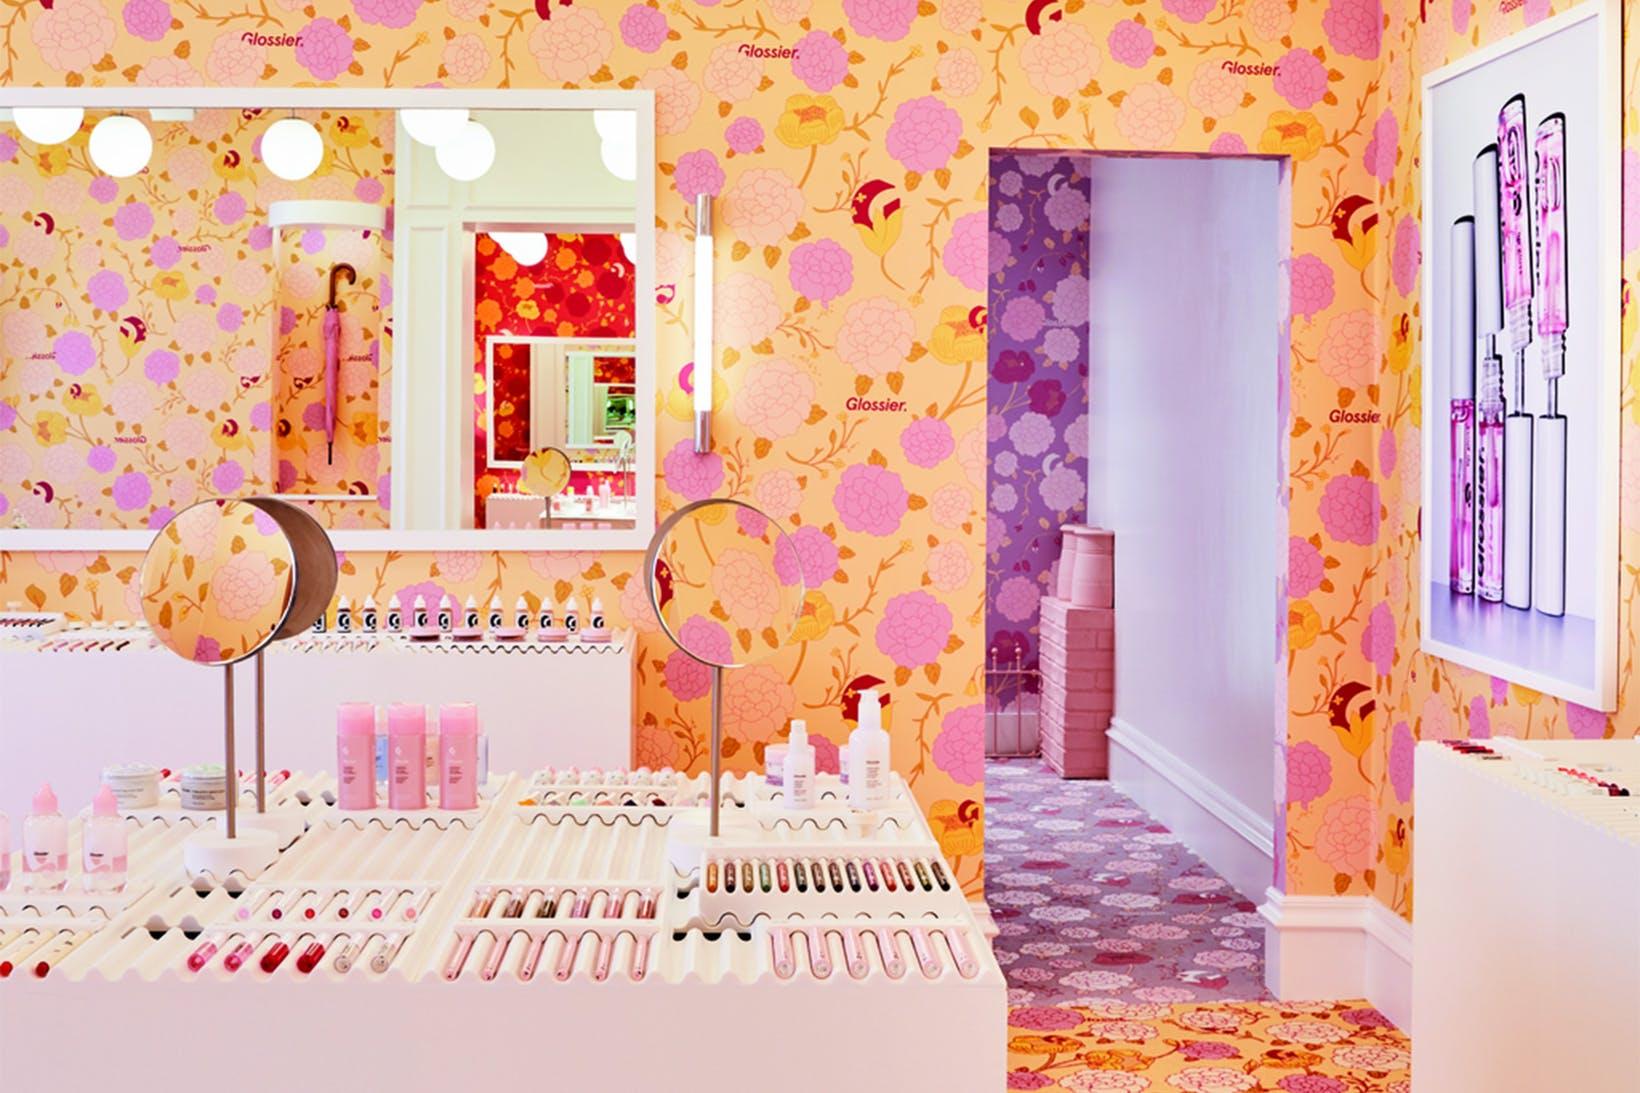 A nova loja pop-up da Glossier é o jardim dos nossos sonhos